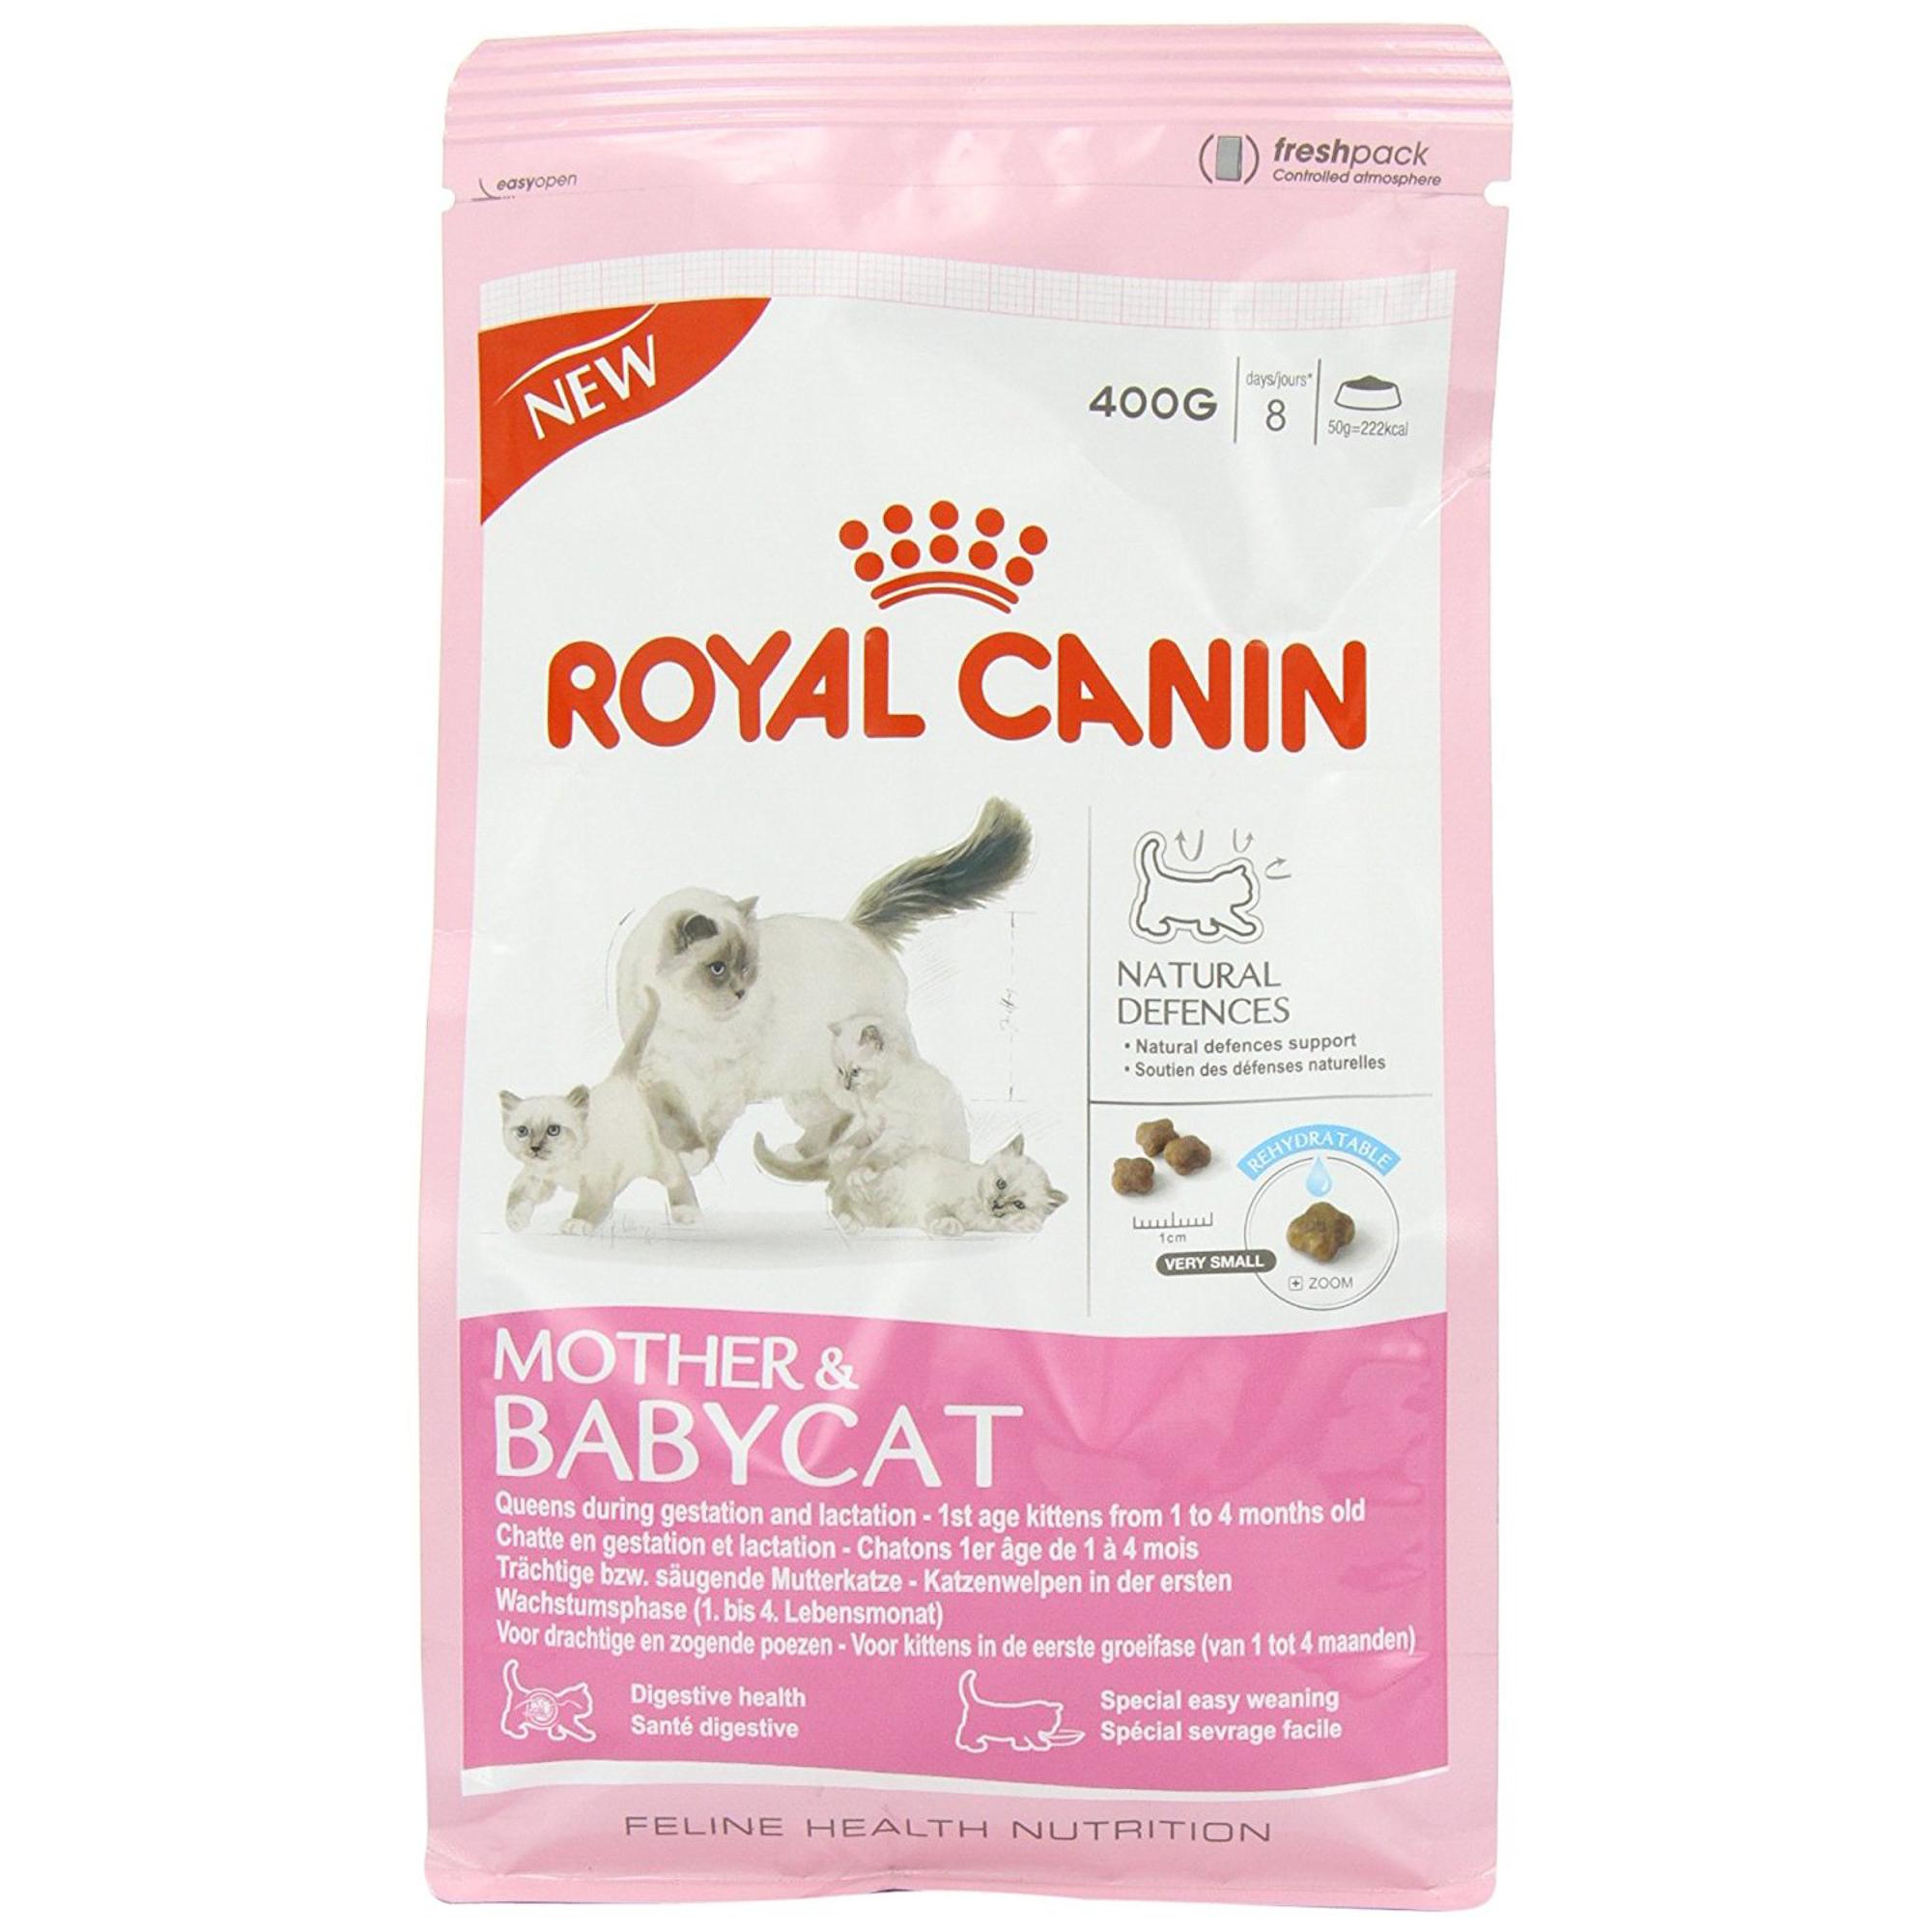 Корм для кошек ROYAL CANIN Mother  Babycat для котят в возрасте от 1 до 4-х месяцев беременных и лактирующих кошек 400г.